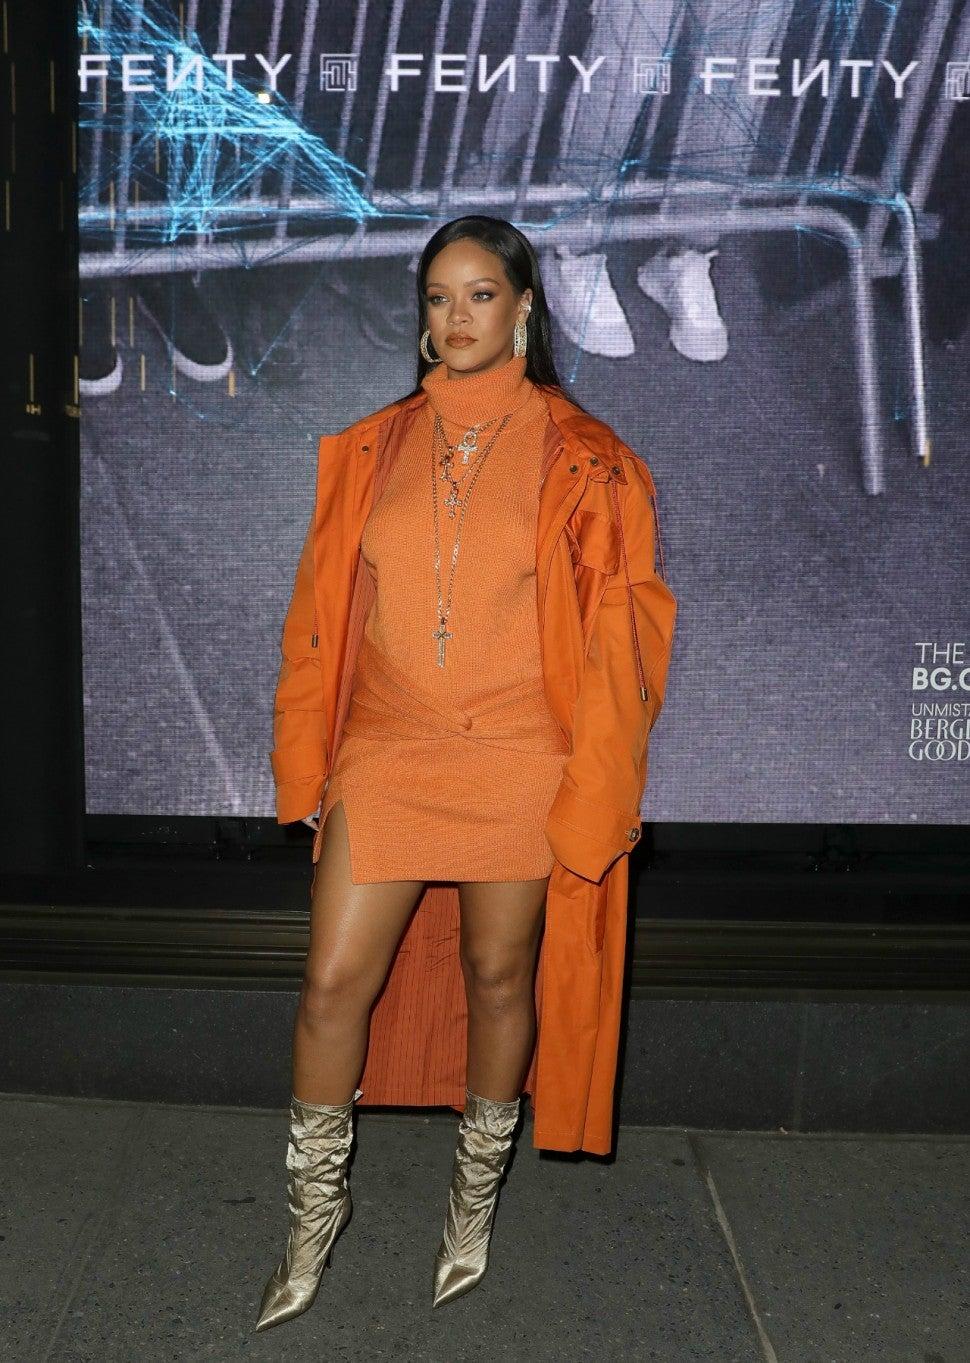 Rihanna Attends Fenty